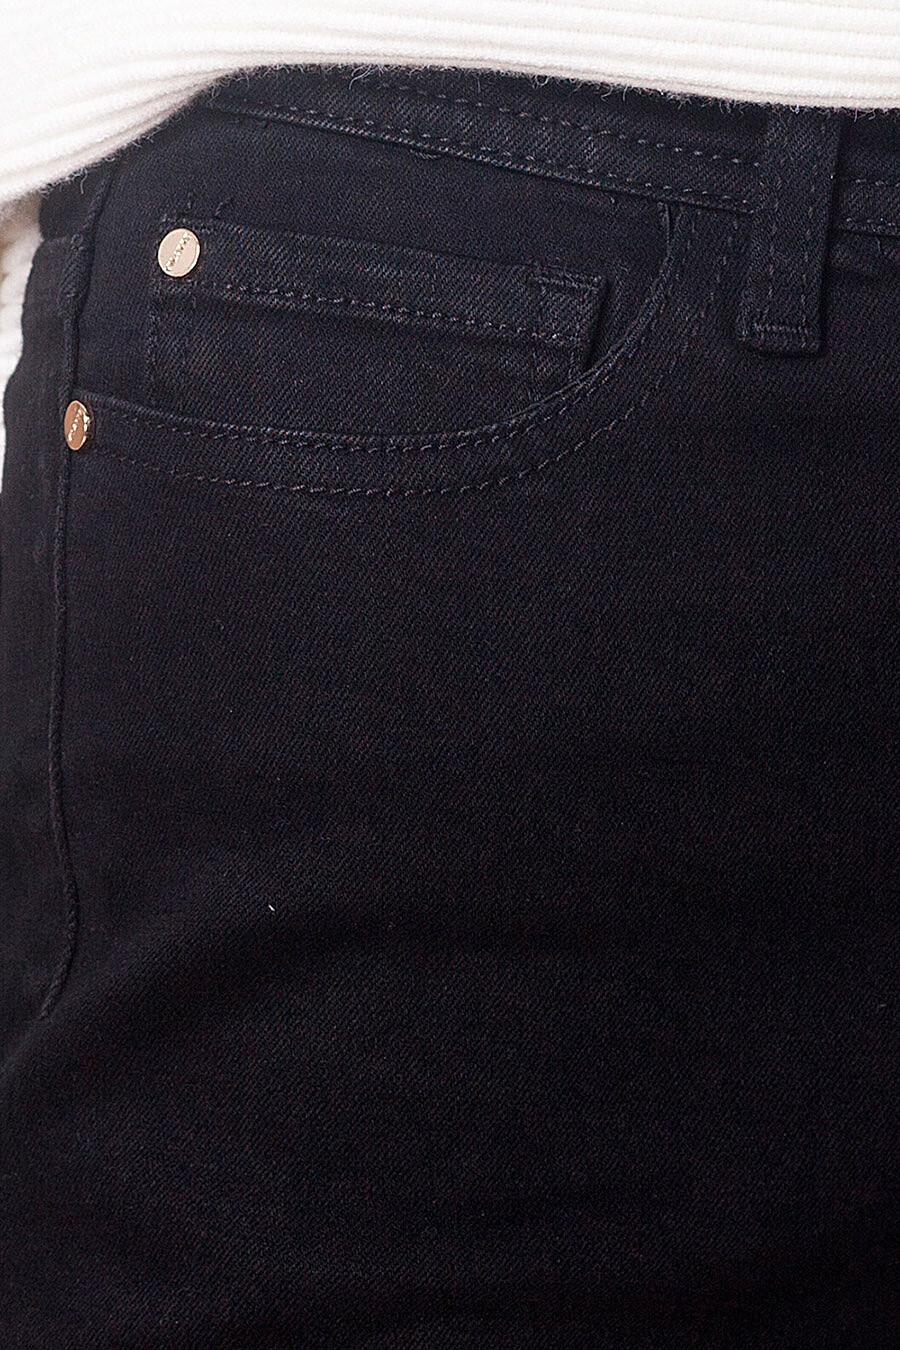 Джинсы для женщин VILATTE 707526 купить оптом от производителя. Совместная покупка женской одежды в OptMoyo